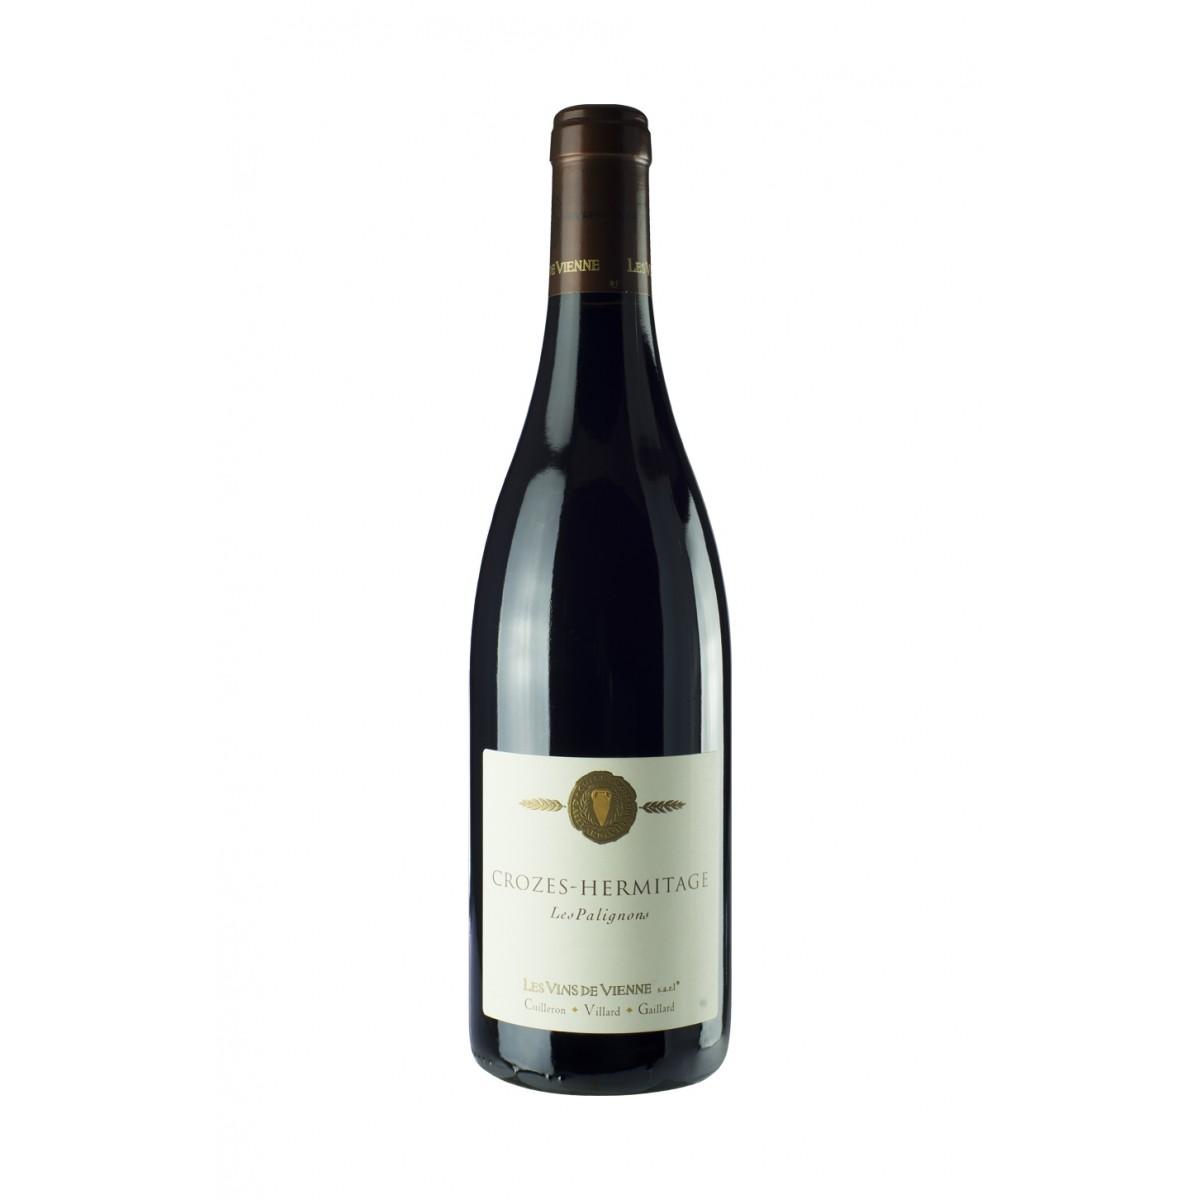 Crozes Hermitage Les Palignons 2013 - Les Vins de Vienne